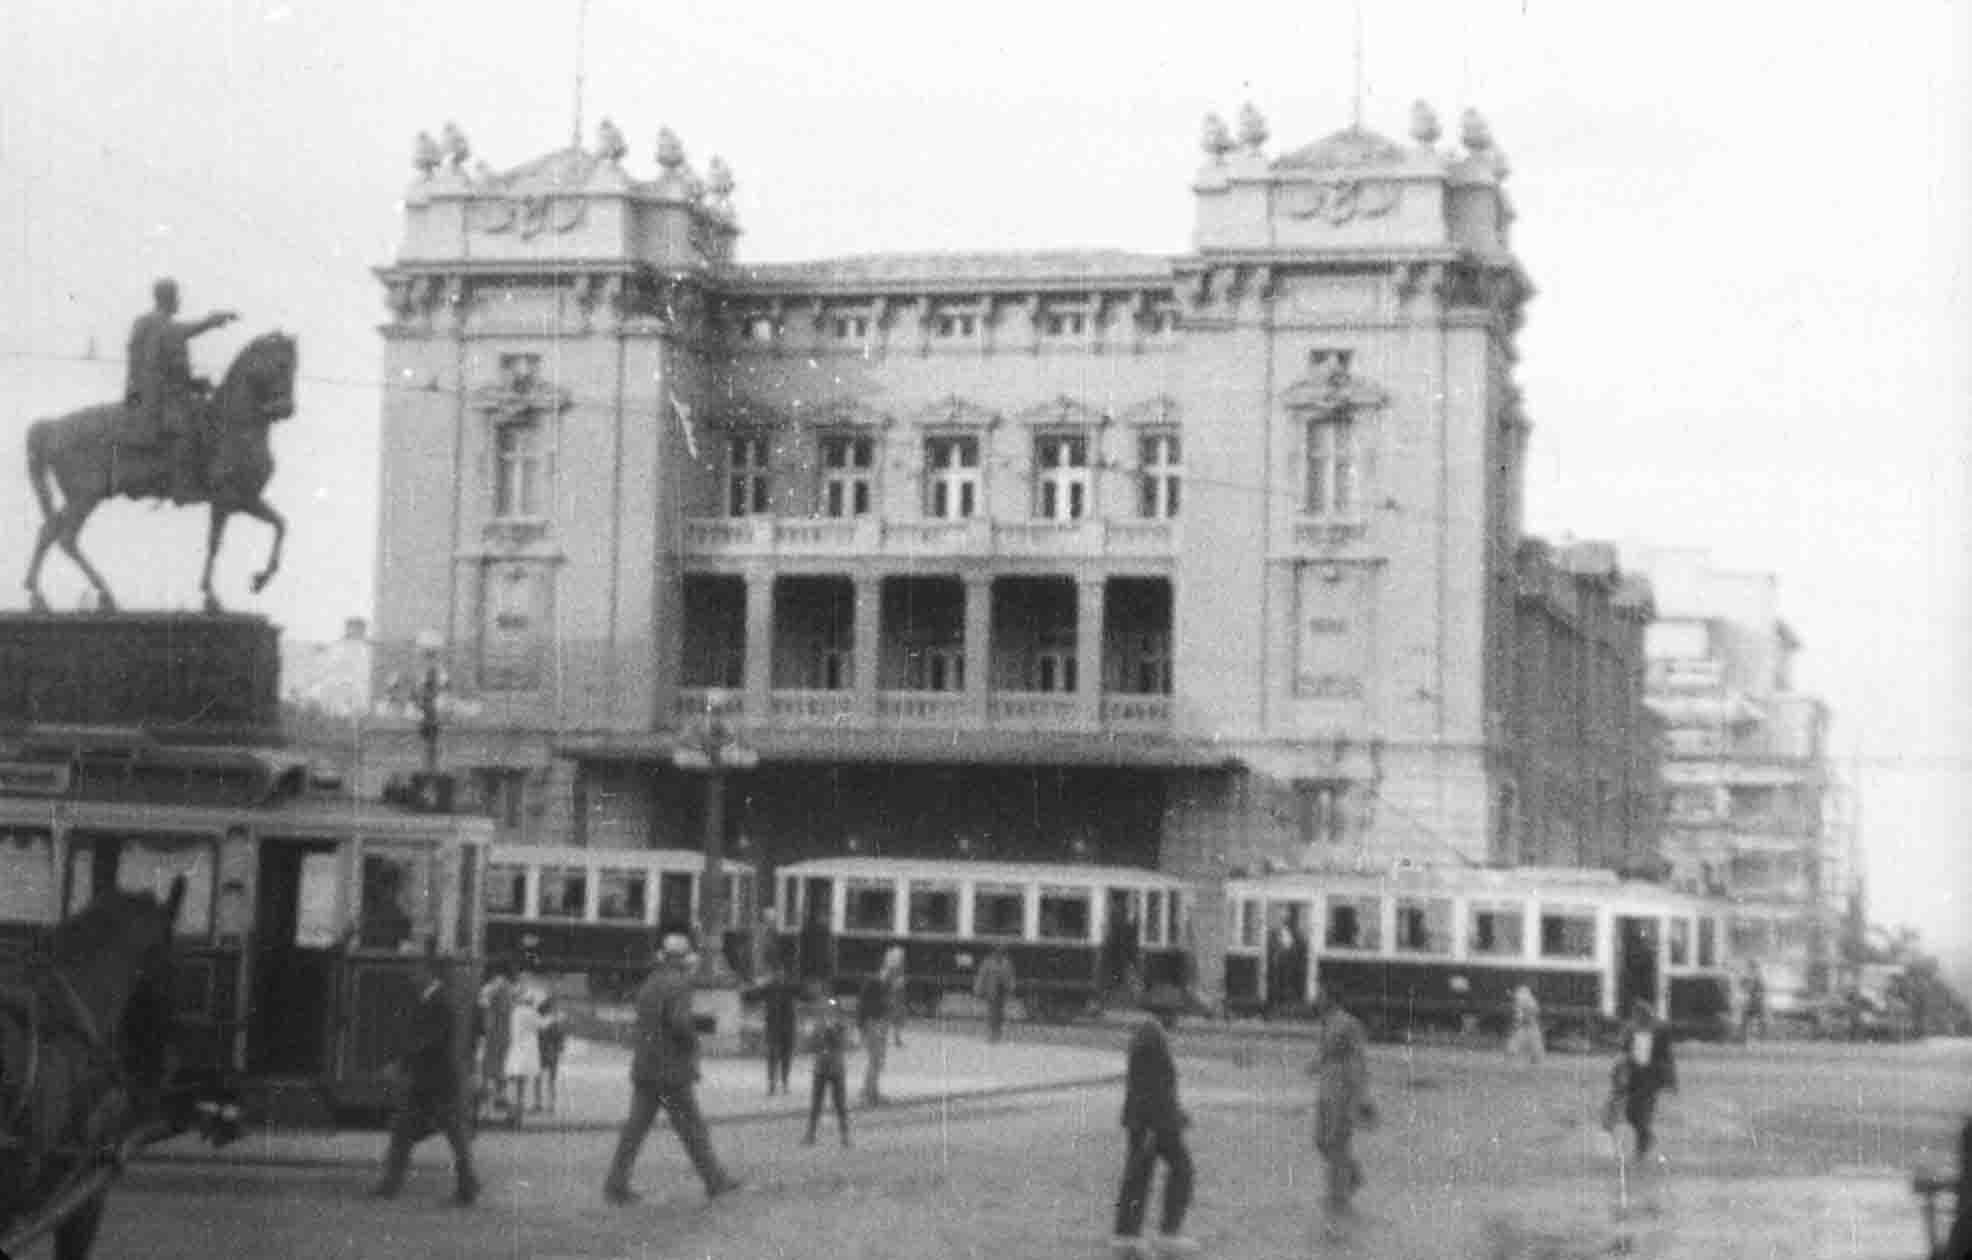 beograd-prestonica-kraljevine-jugoslavije-1932-5